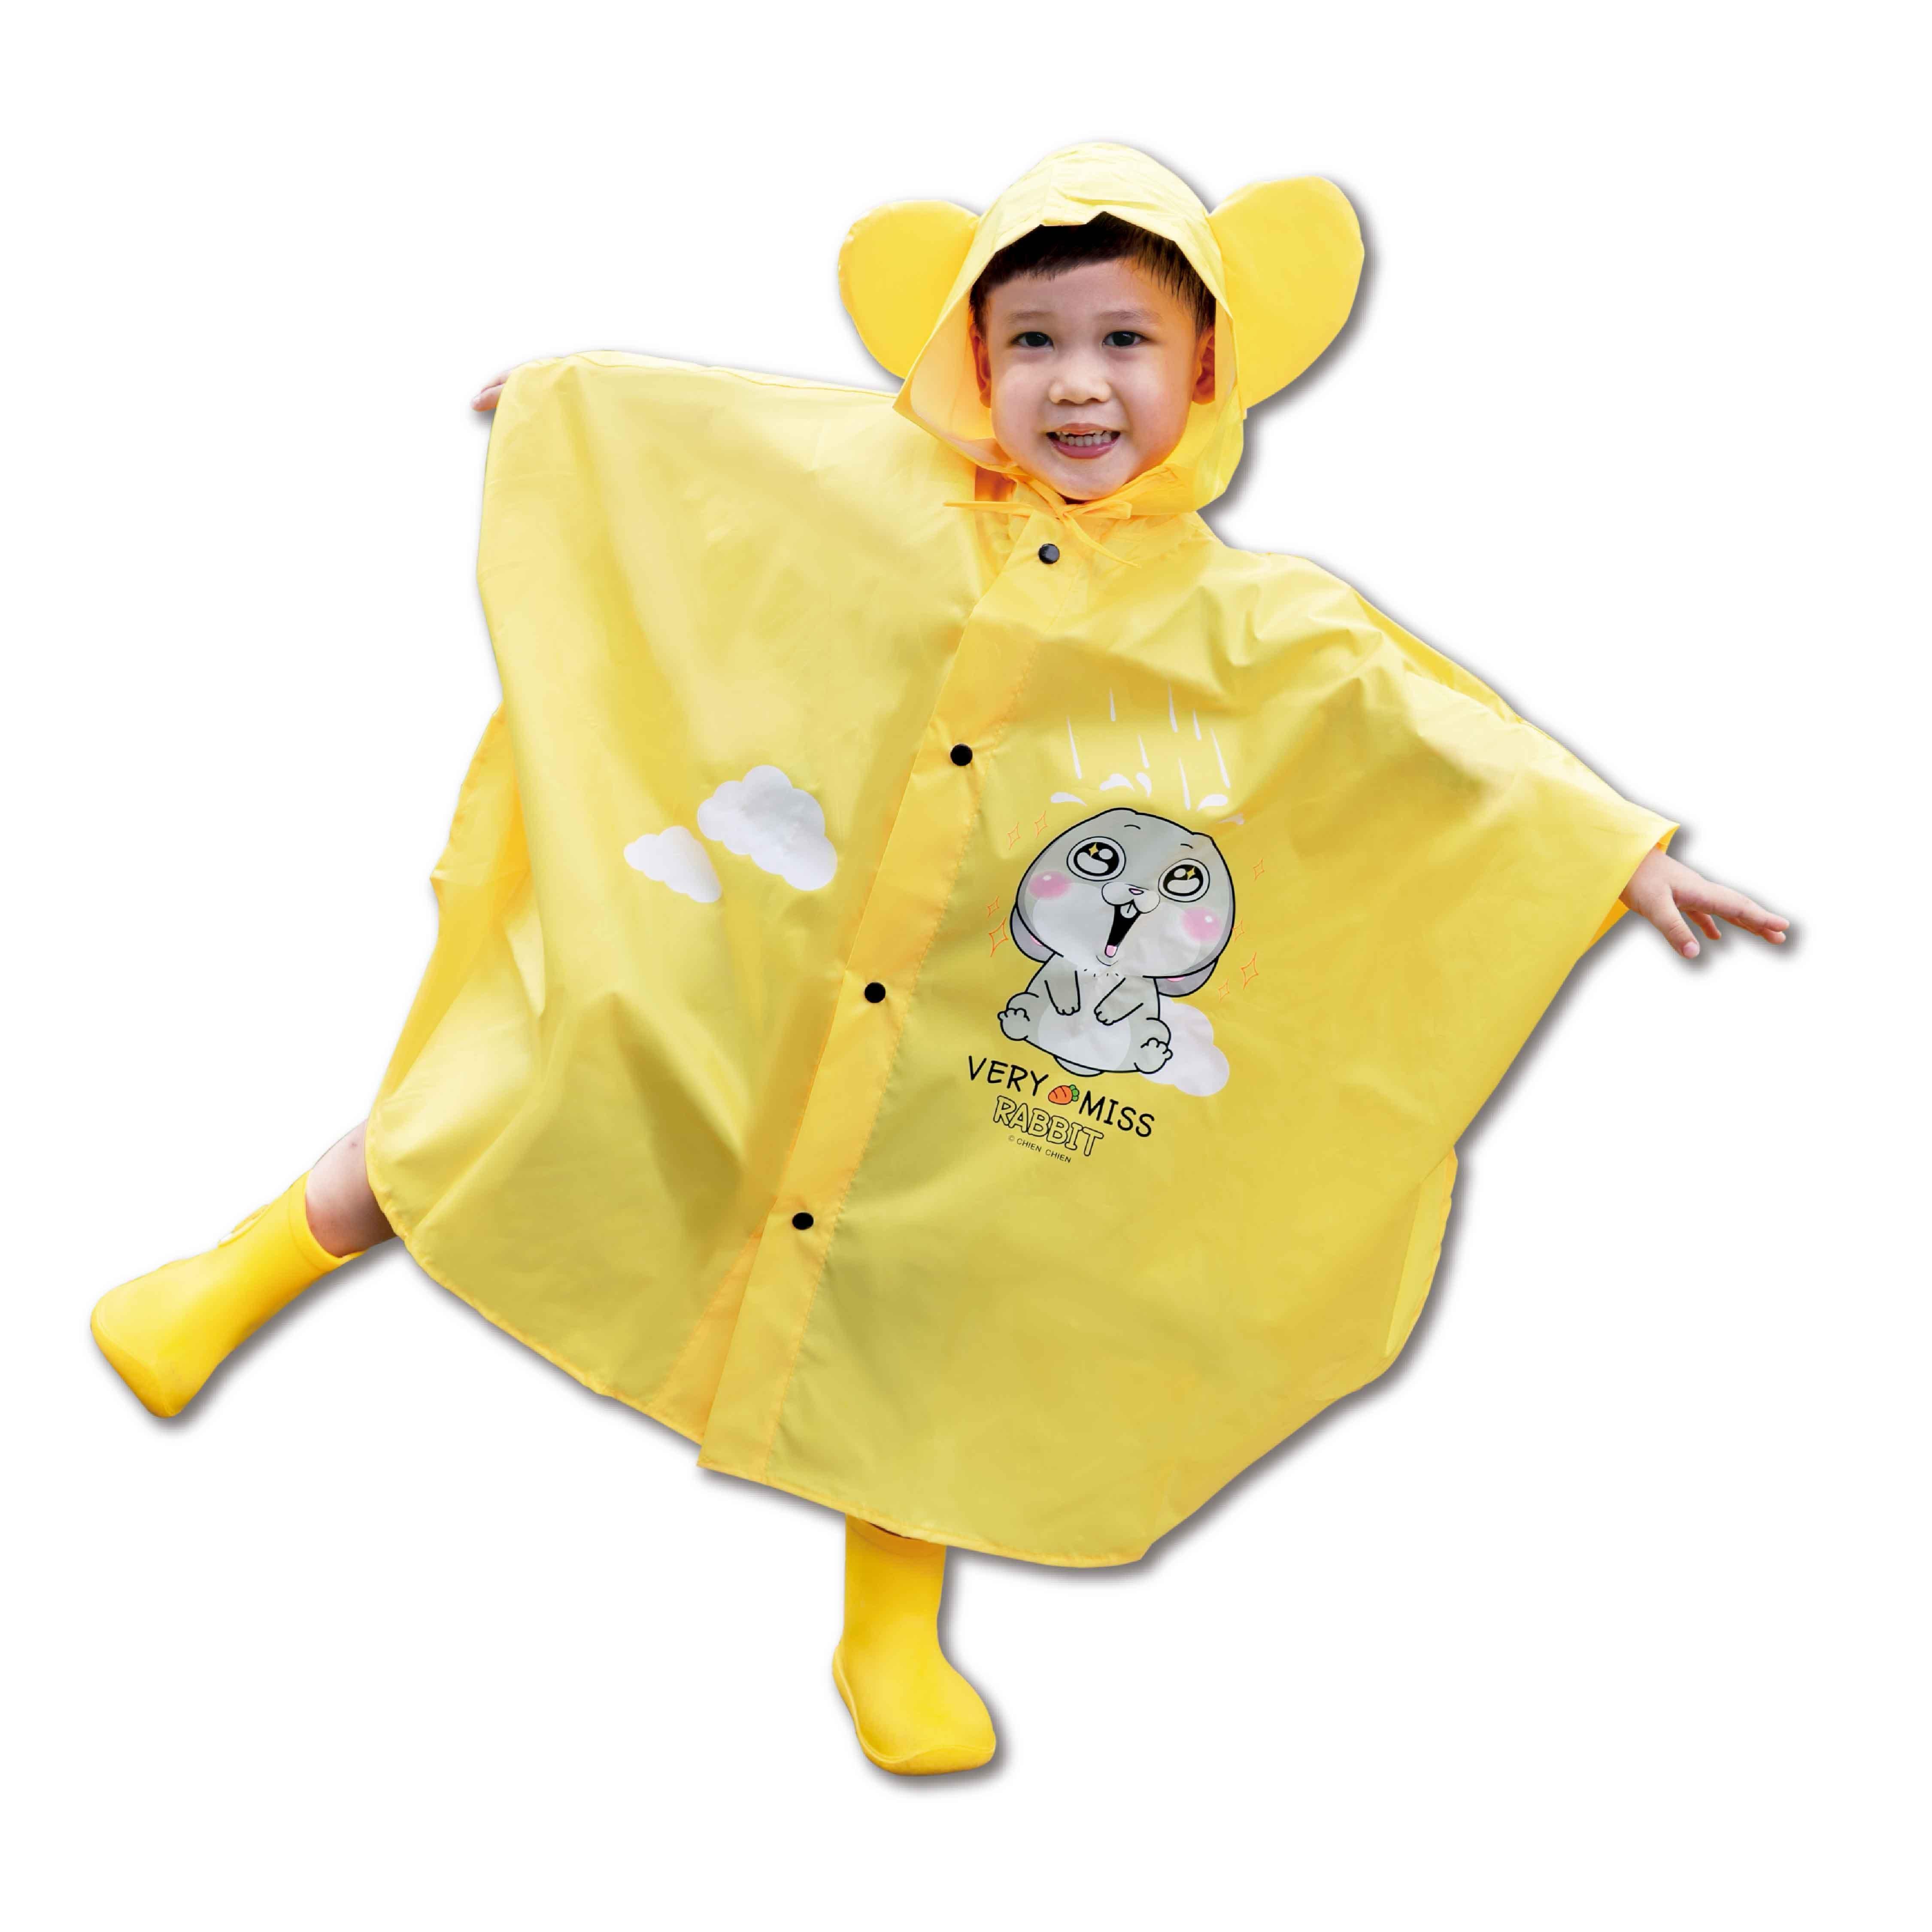 【謙謙創藝×好想兔】晴天雨兒童雨衣 兒童雨衣 可愛雨衣 雨衣【JC科技】